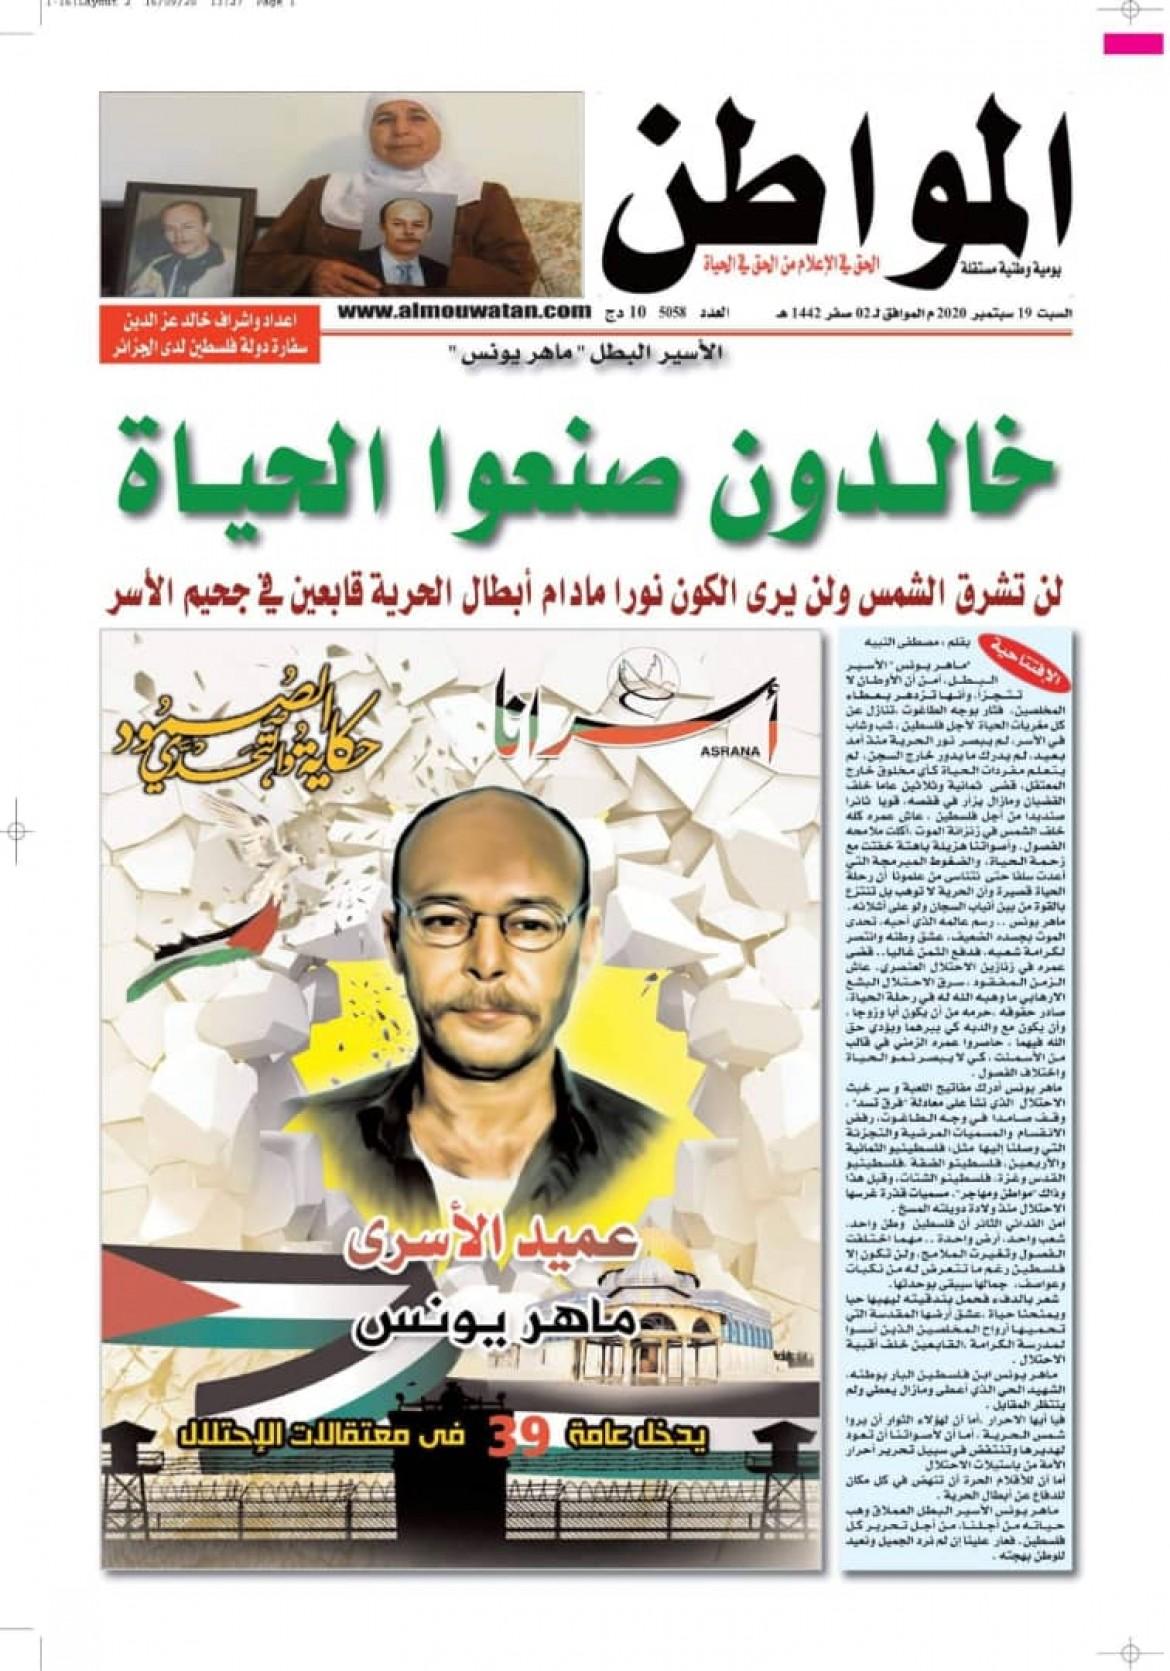 صحيفة الوطن الجزائرية